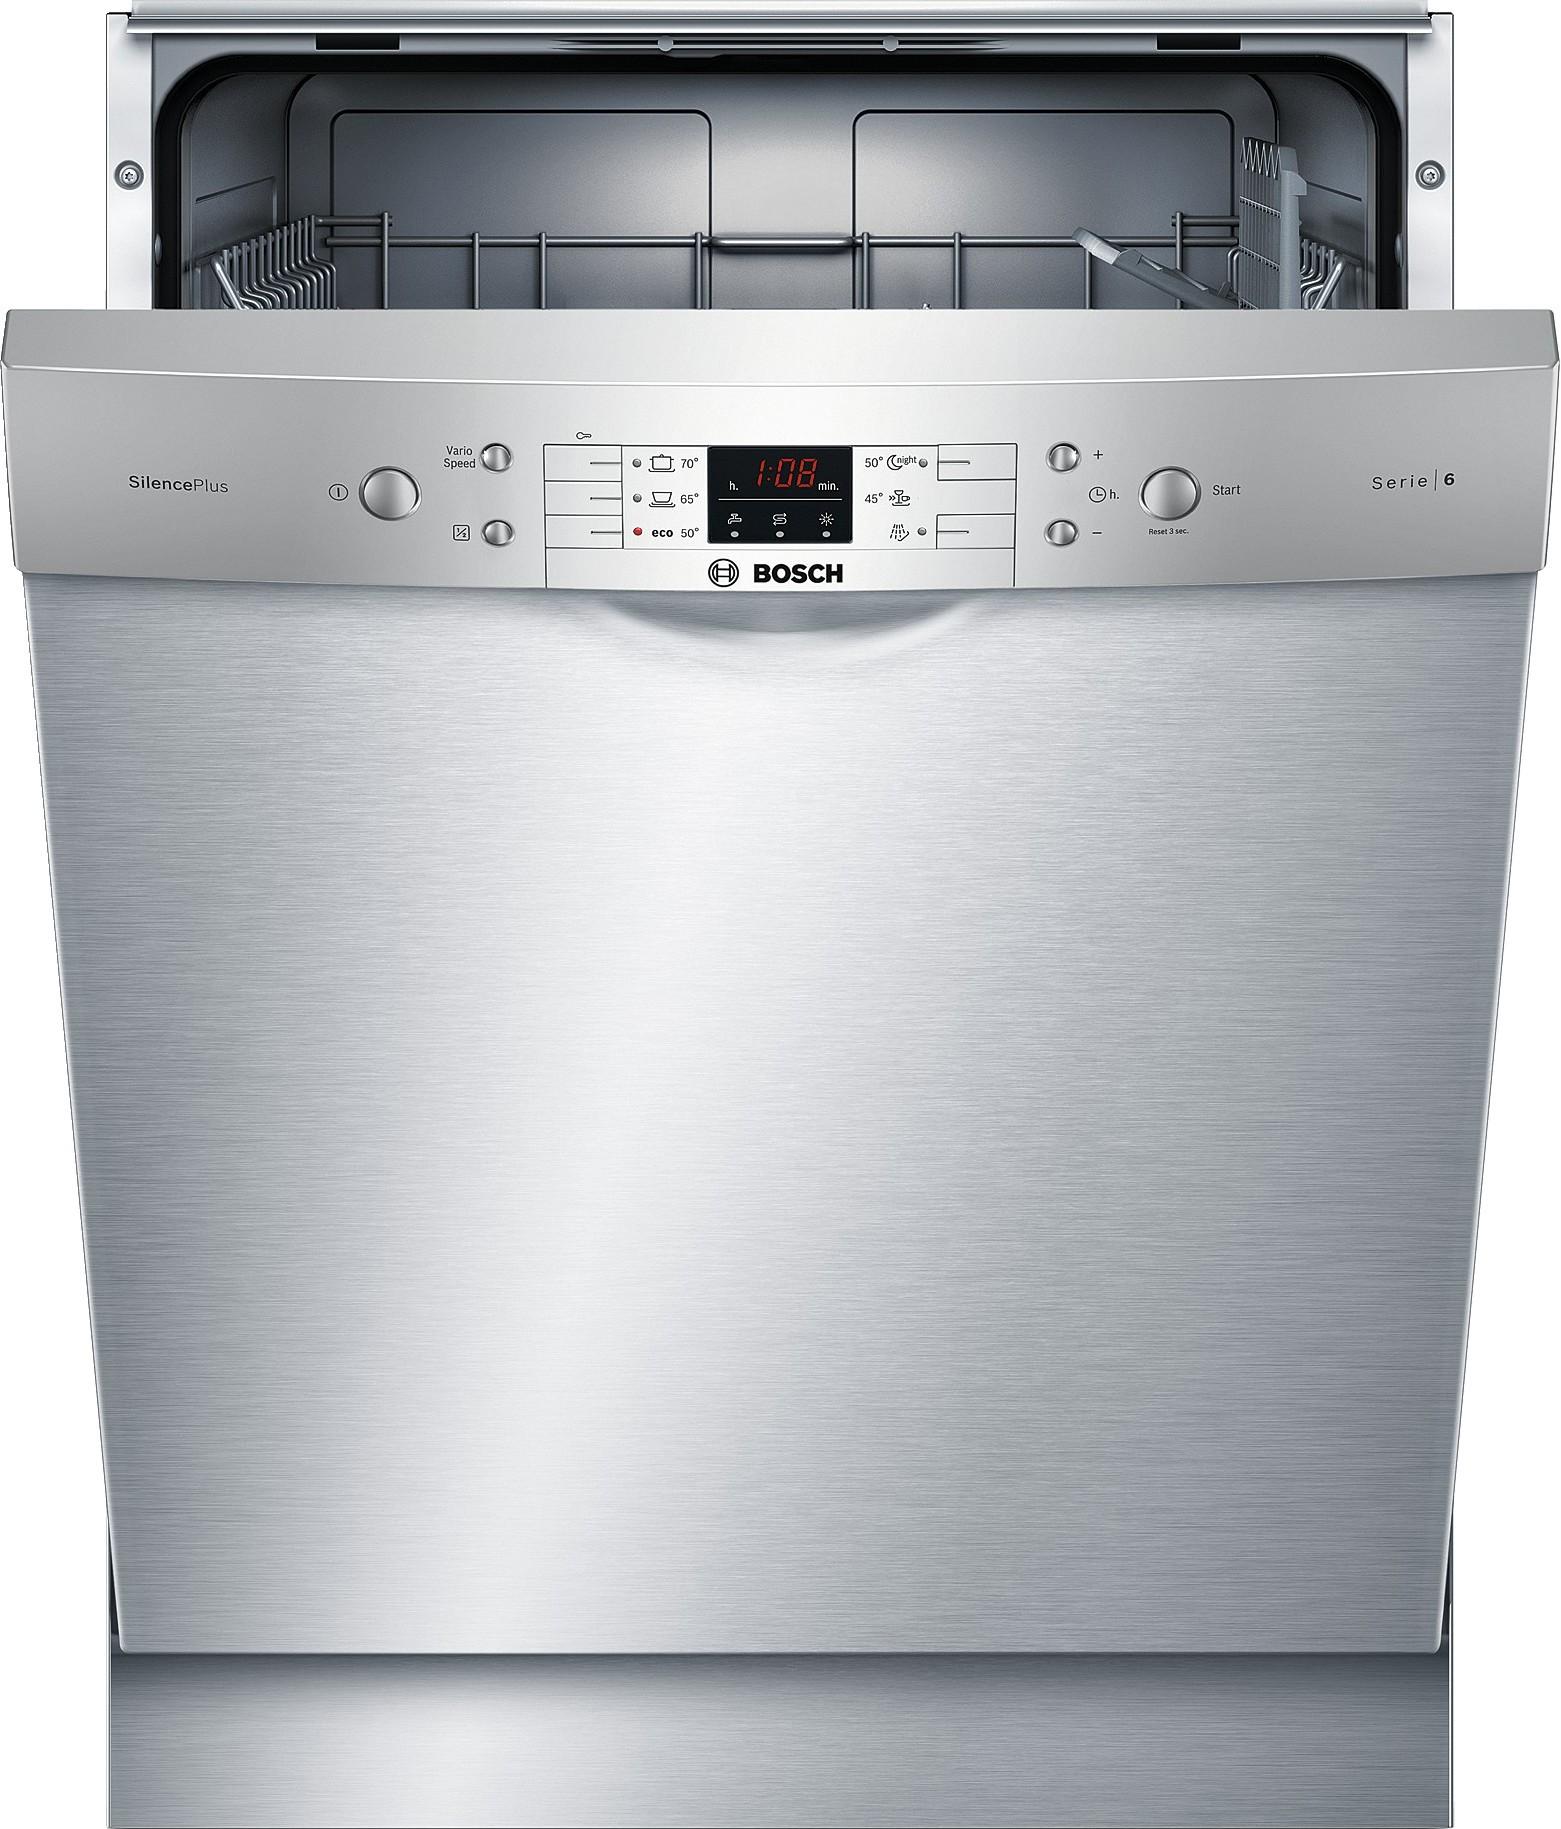 SMU61L18SK : Bosch oppvaskmaskin SMU61L18SK (stål)